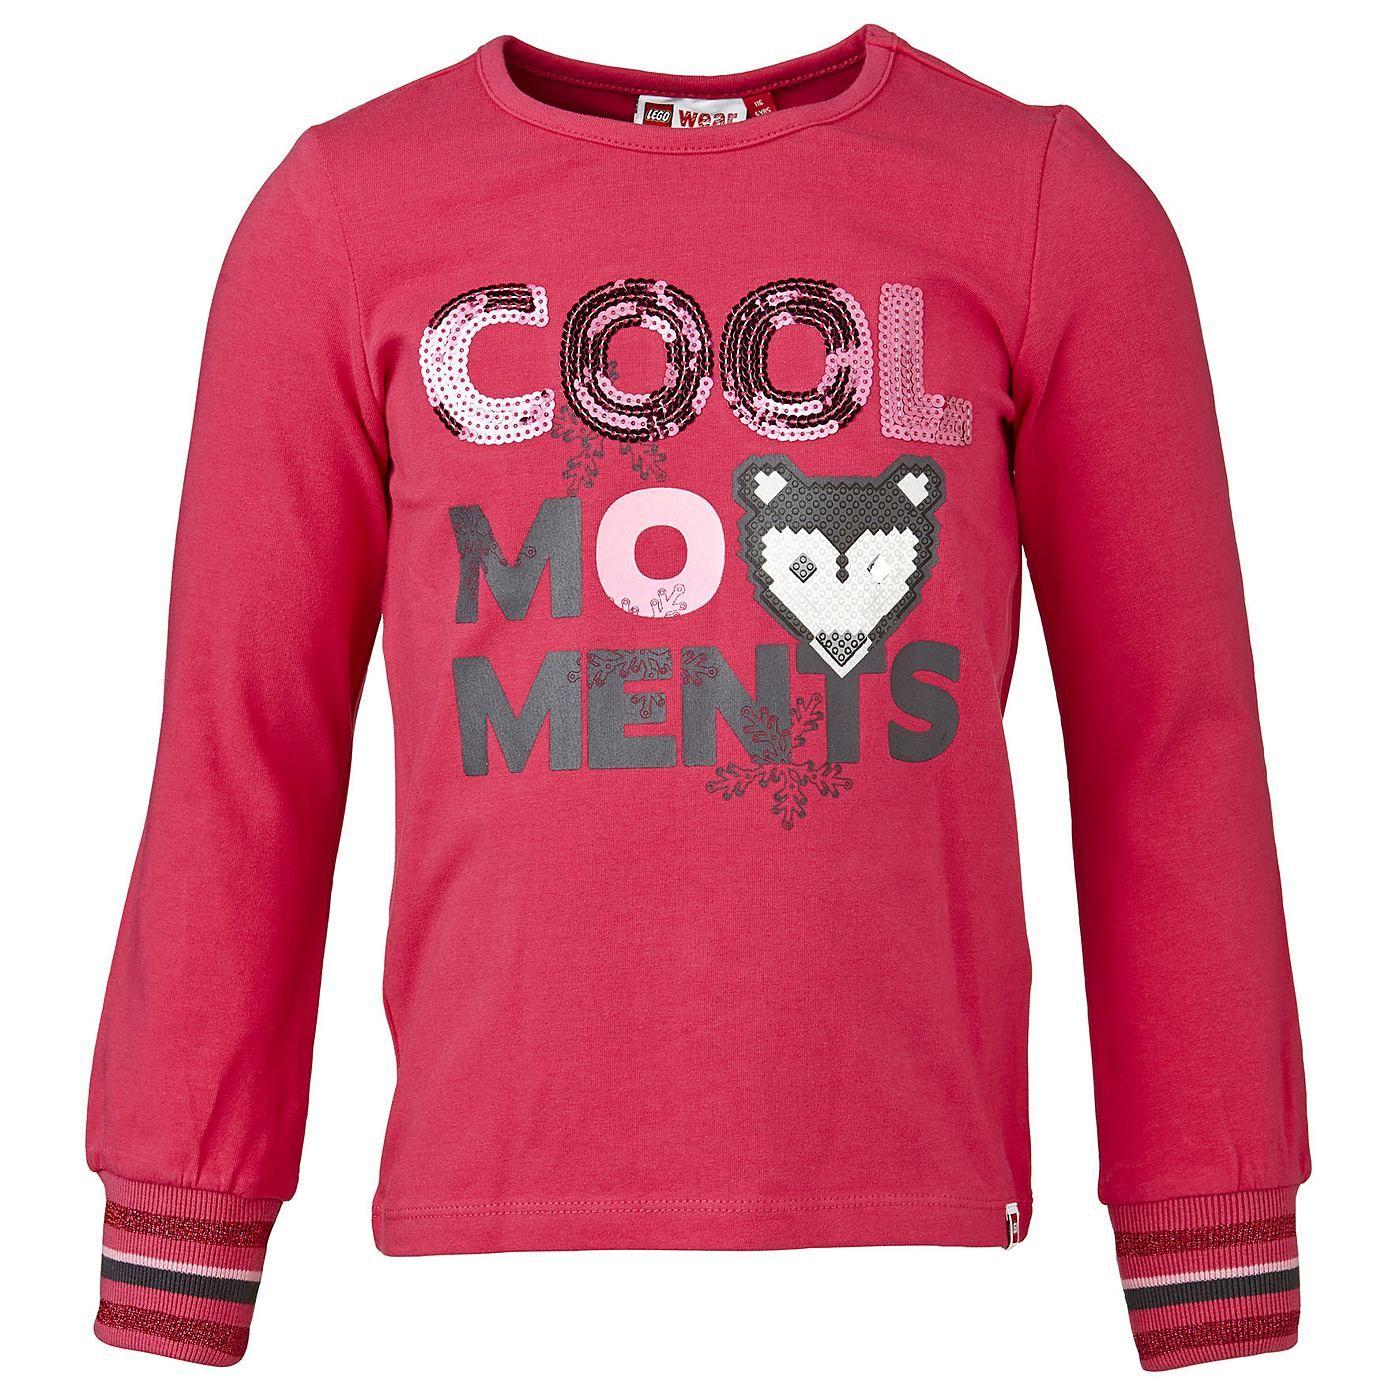 """Schönes Langarmshirt """"Cool Moments""""    LEGO hat längst nicht nur die Spielzeugkisten, sondern auch die Kleiderschränke erobert. Dieses niedliche Shirt ist das richtige für aktive Kids. Das weiche Baumwollshirt macht nicht nur auf dem Spieplatz eine gute Figur.    LEGO® Wear Kinder Langarm T-Shirt für Mädchen mit folgenden Besonderheiten:    - Thema: LEGO®Wear Winter-Zoo  - schönes Langarm T-Shi..."""